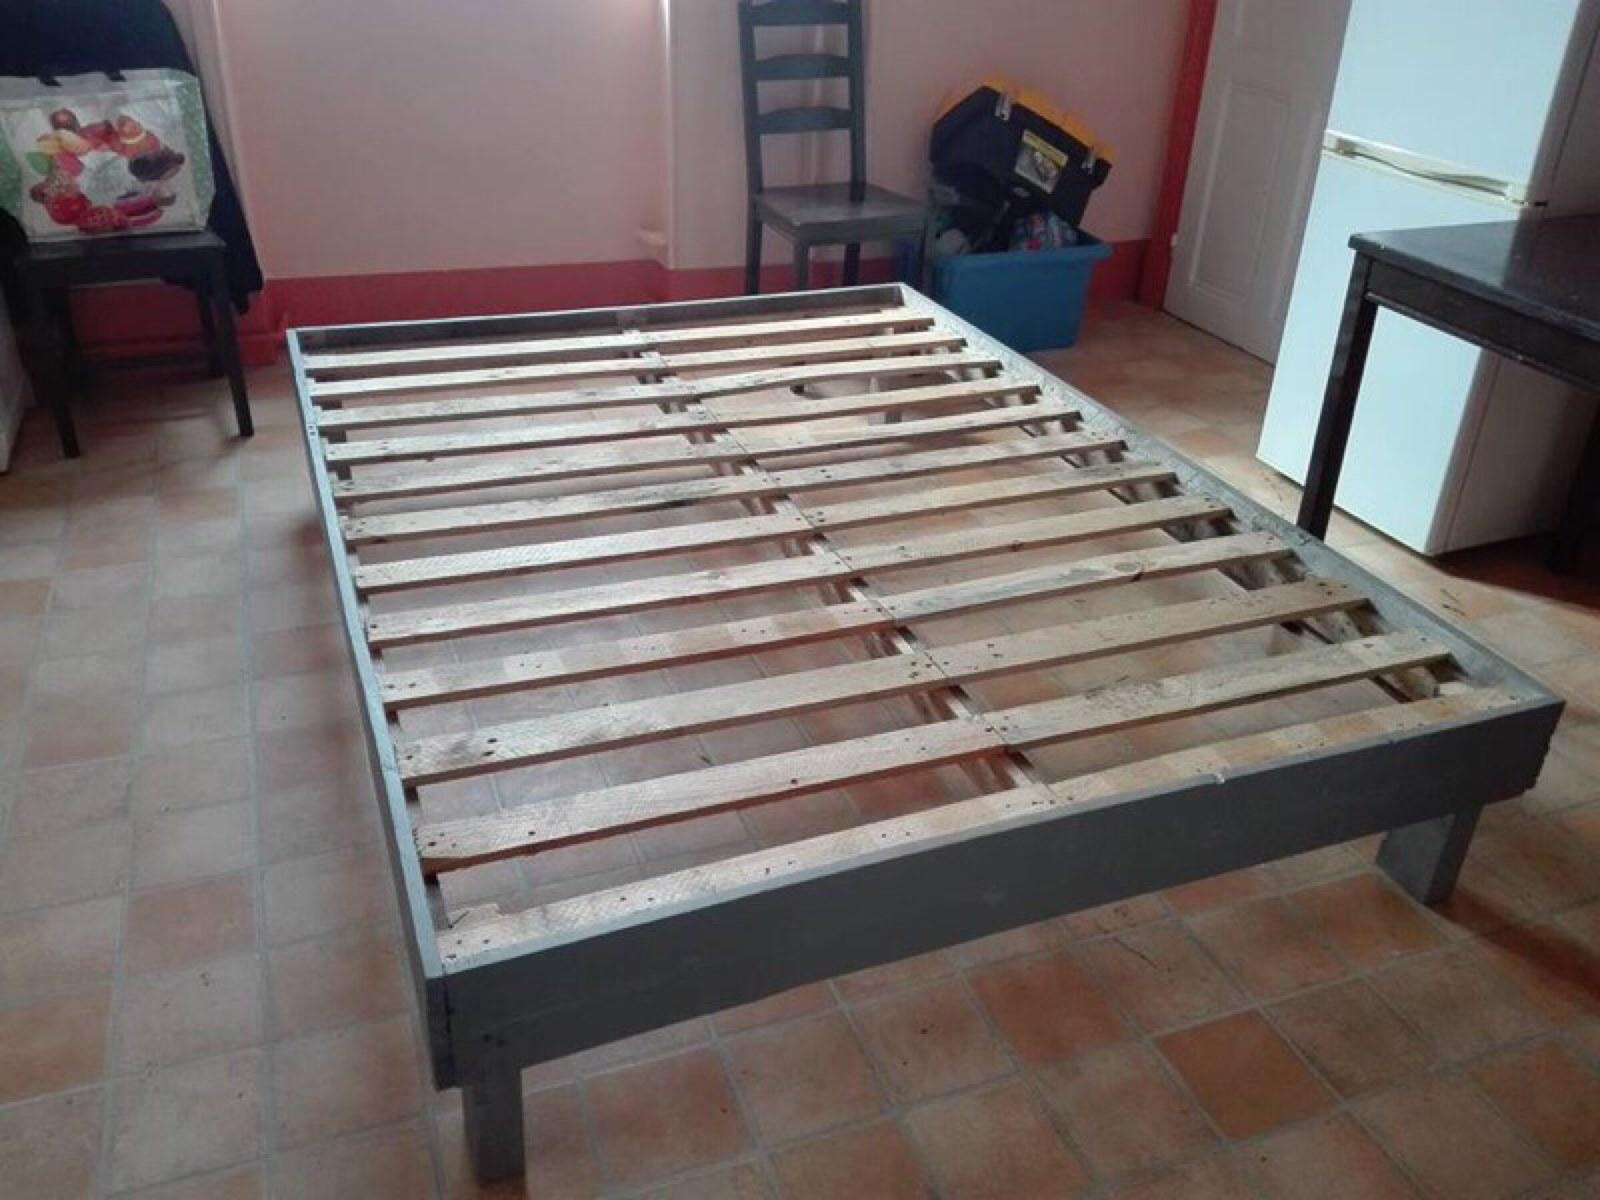 cadre de lit fait avec des palettes 2meuble en palette meuble en palette. Black Bedroom Furniture Sets. Home Design Ideas